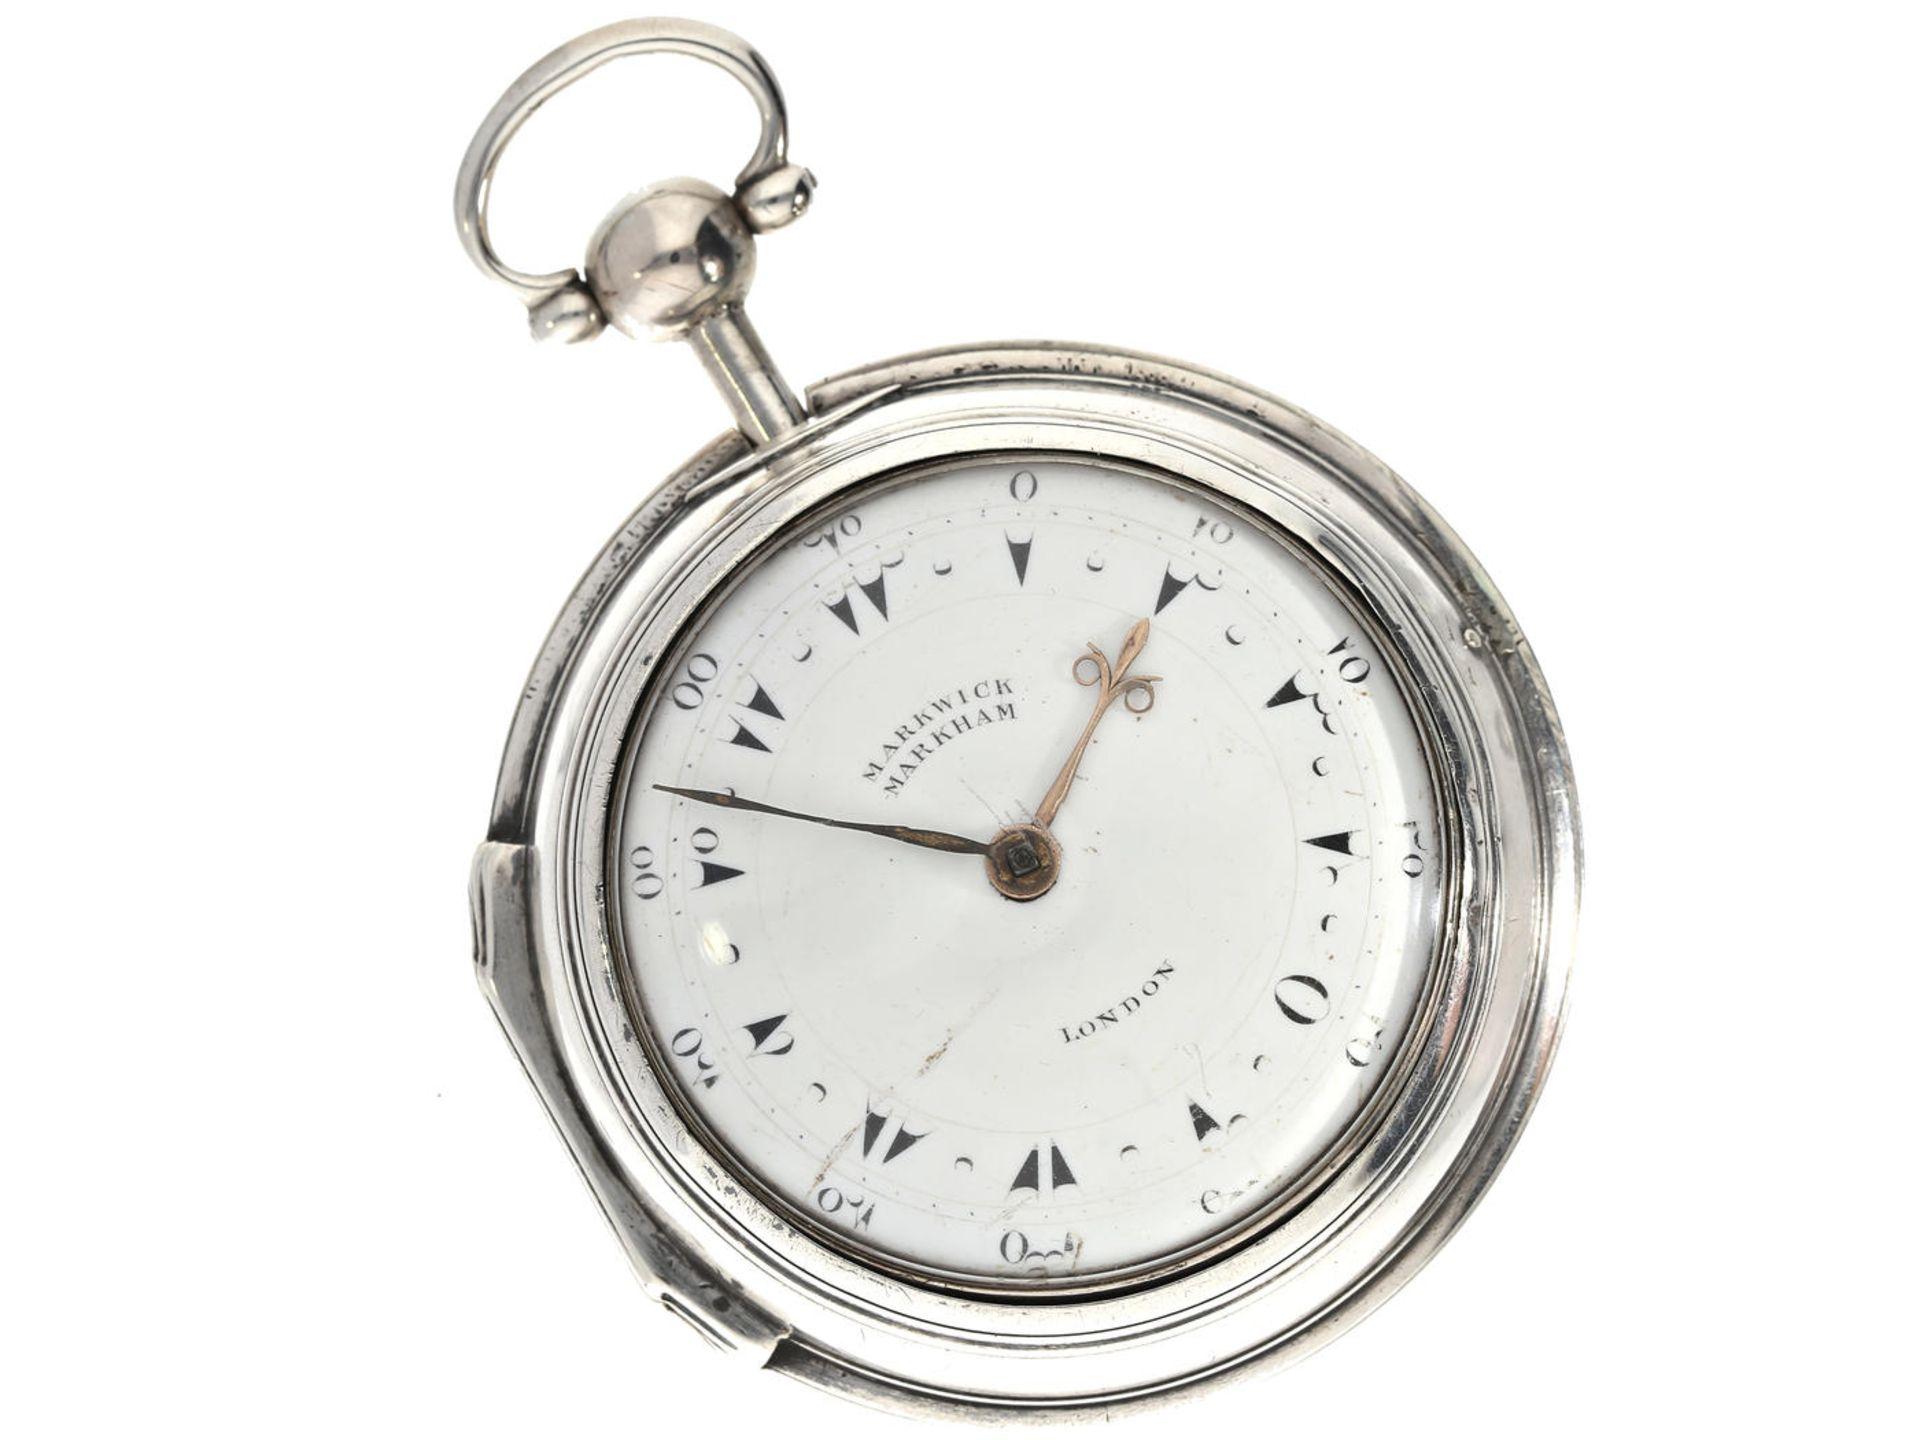 Los 6057 - Taschenuhr: seltene englische Doppelgehäuse-Spindeluhr für den osmanischen Markt, Markwick Markham